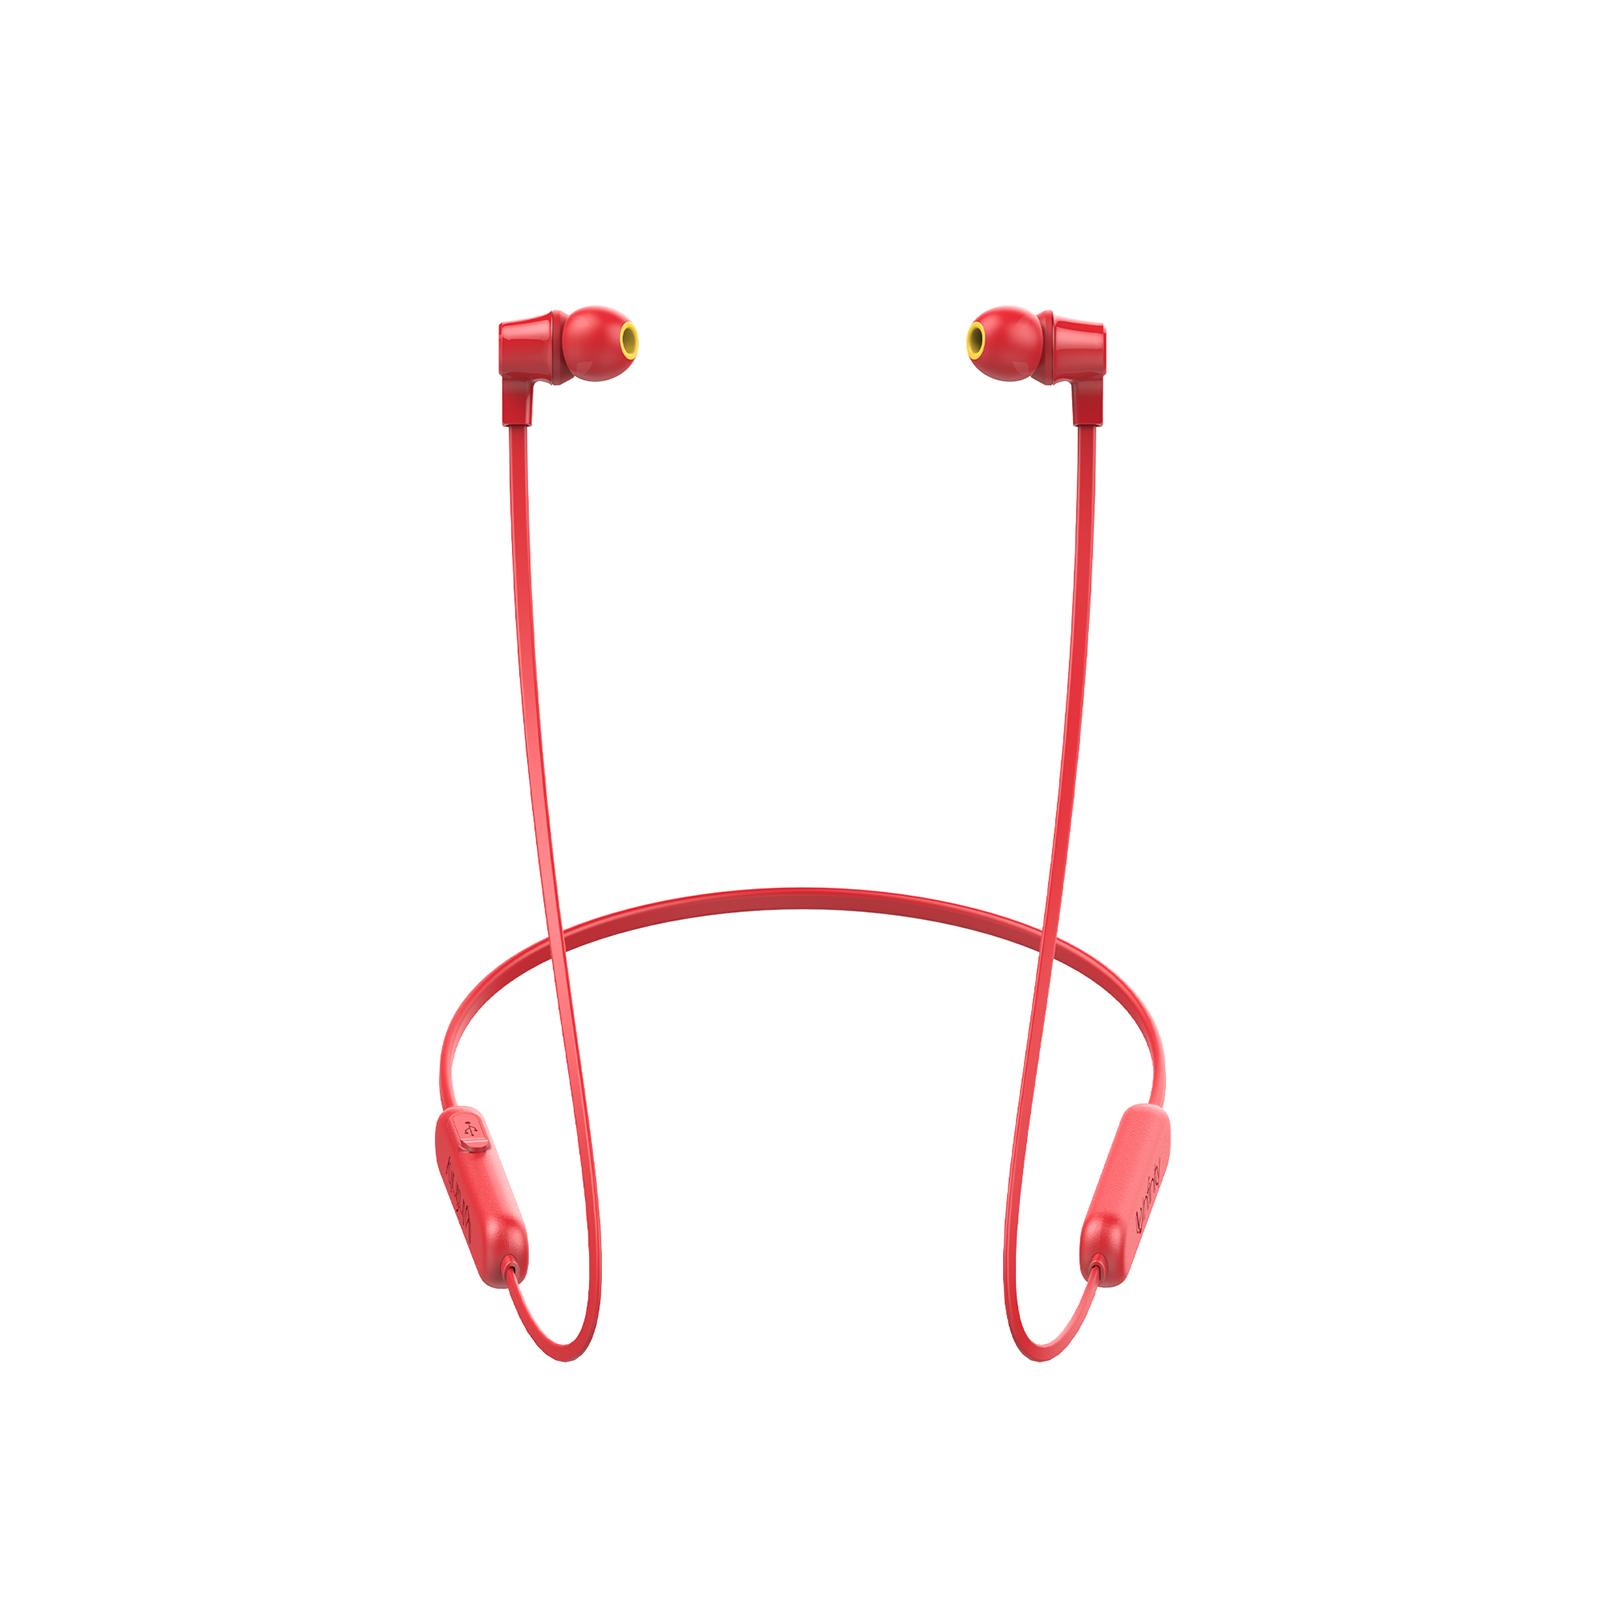 INFINITY GLIDE 100 - Red - In-Ear Wireless Headphones - Left